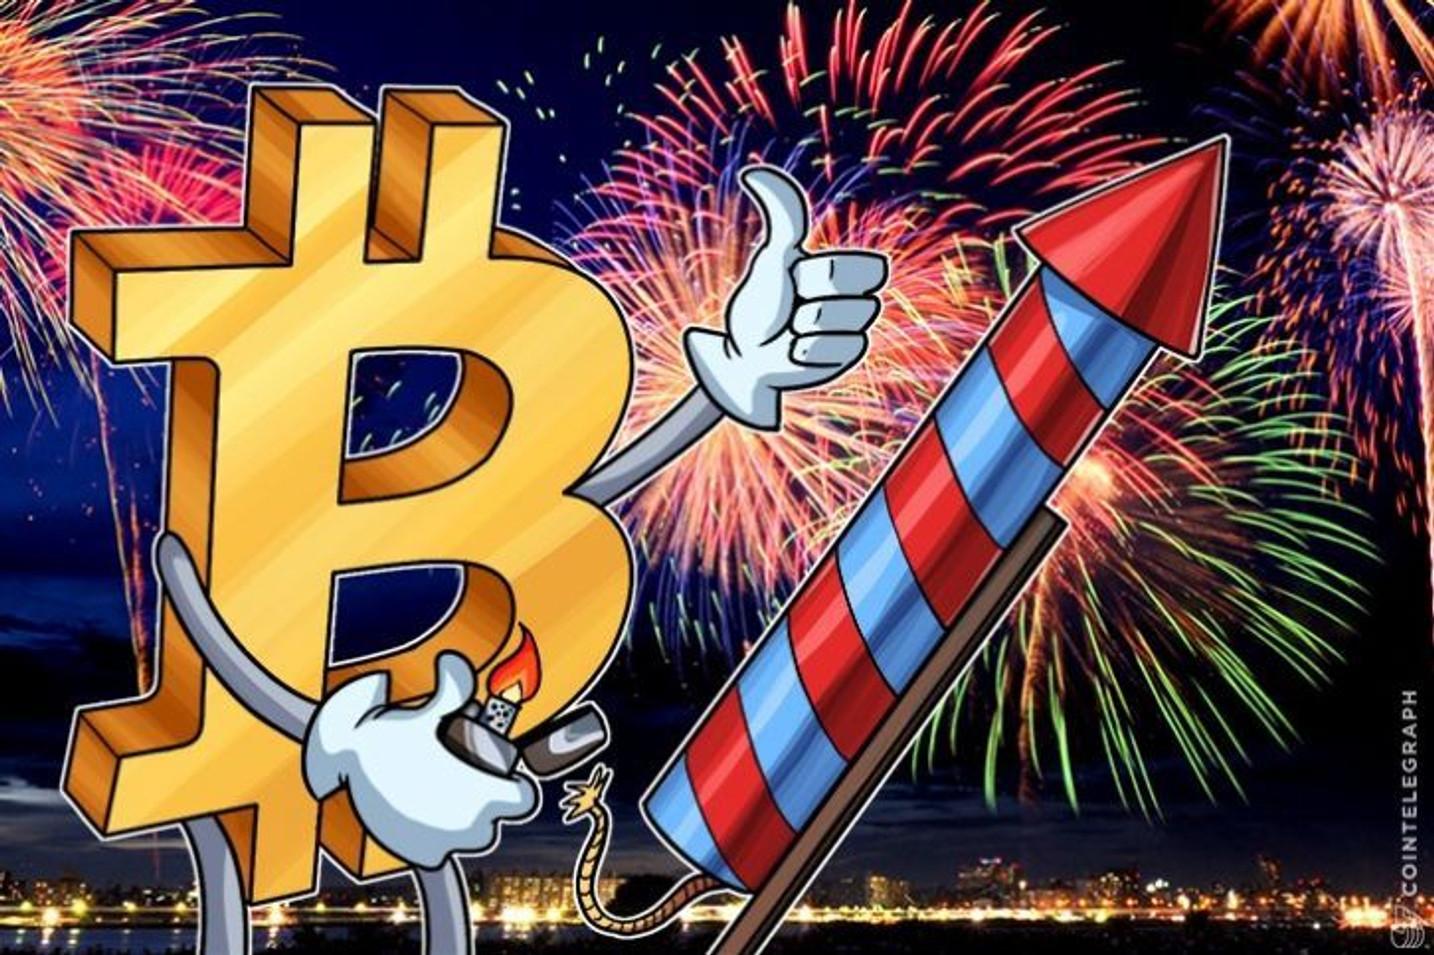 速報:ビットコイン高値更新、米CMEのビットコイン先物のローンチ発表直後